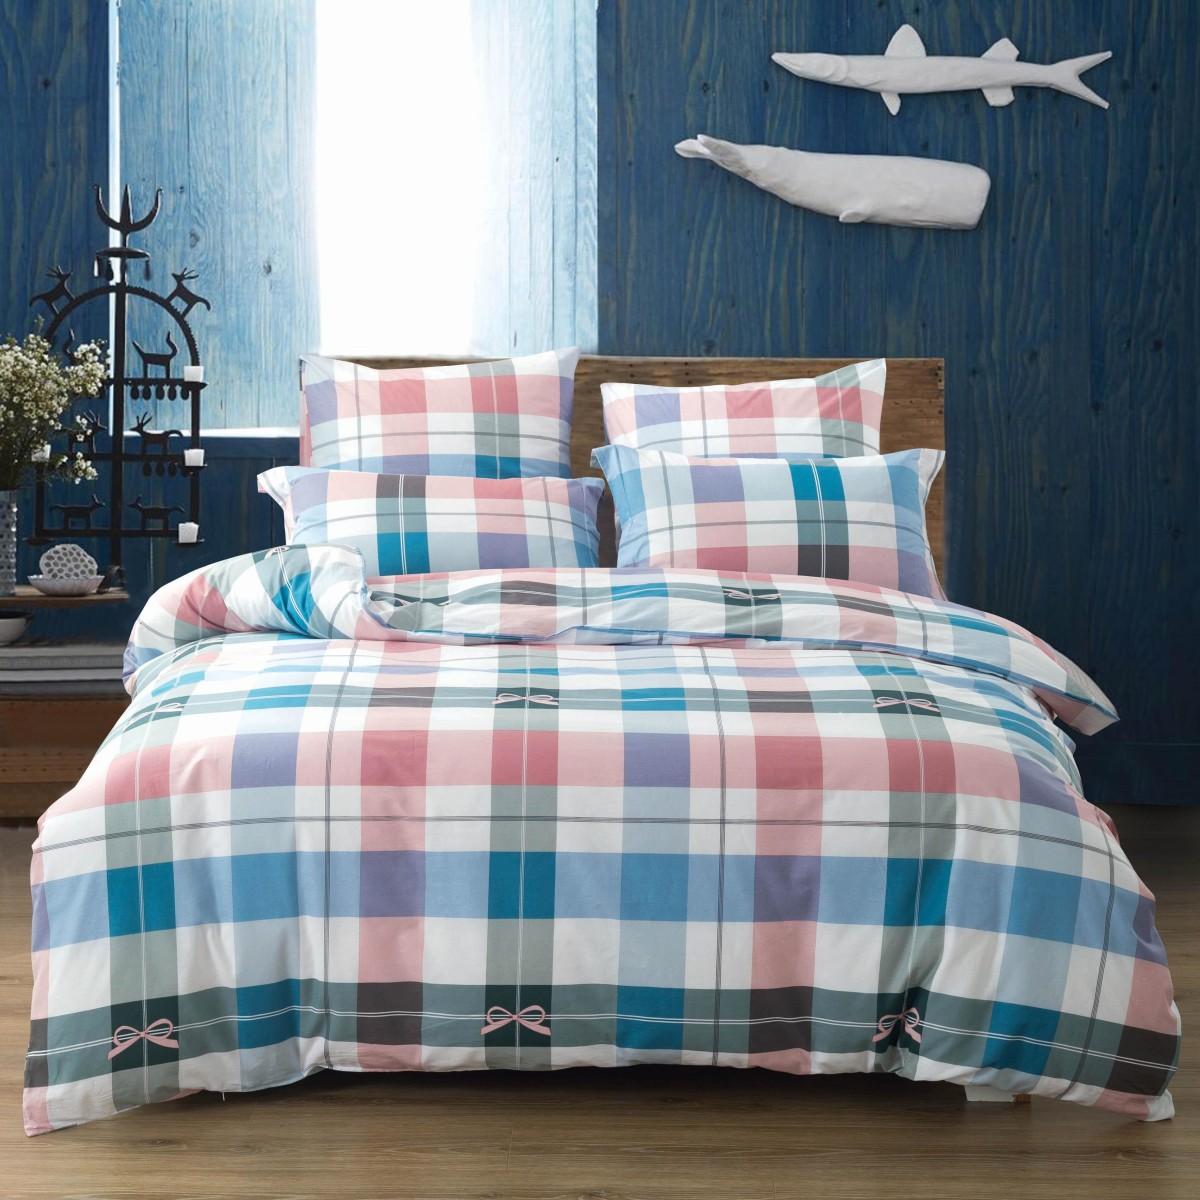 Комплект постельного белья семейный Сайлид A-204-4 поплин